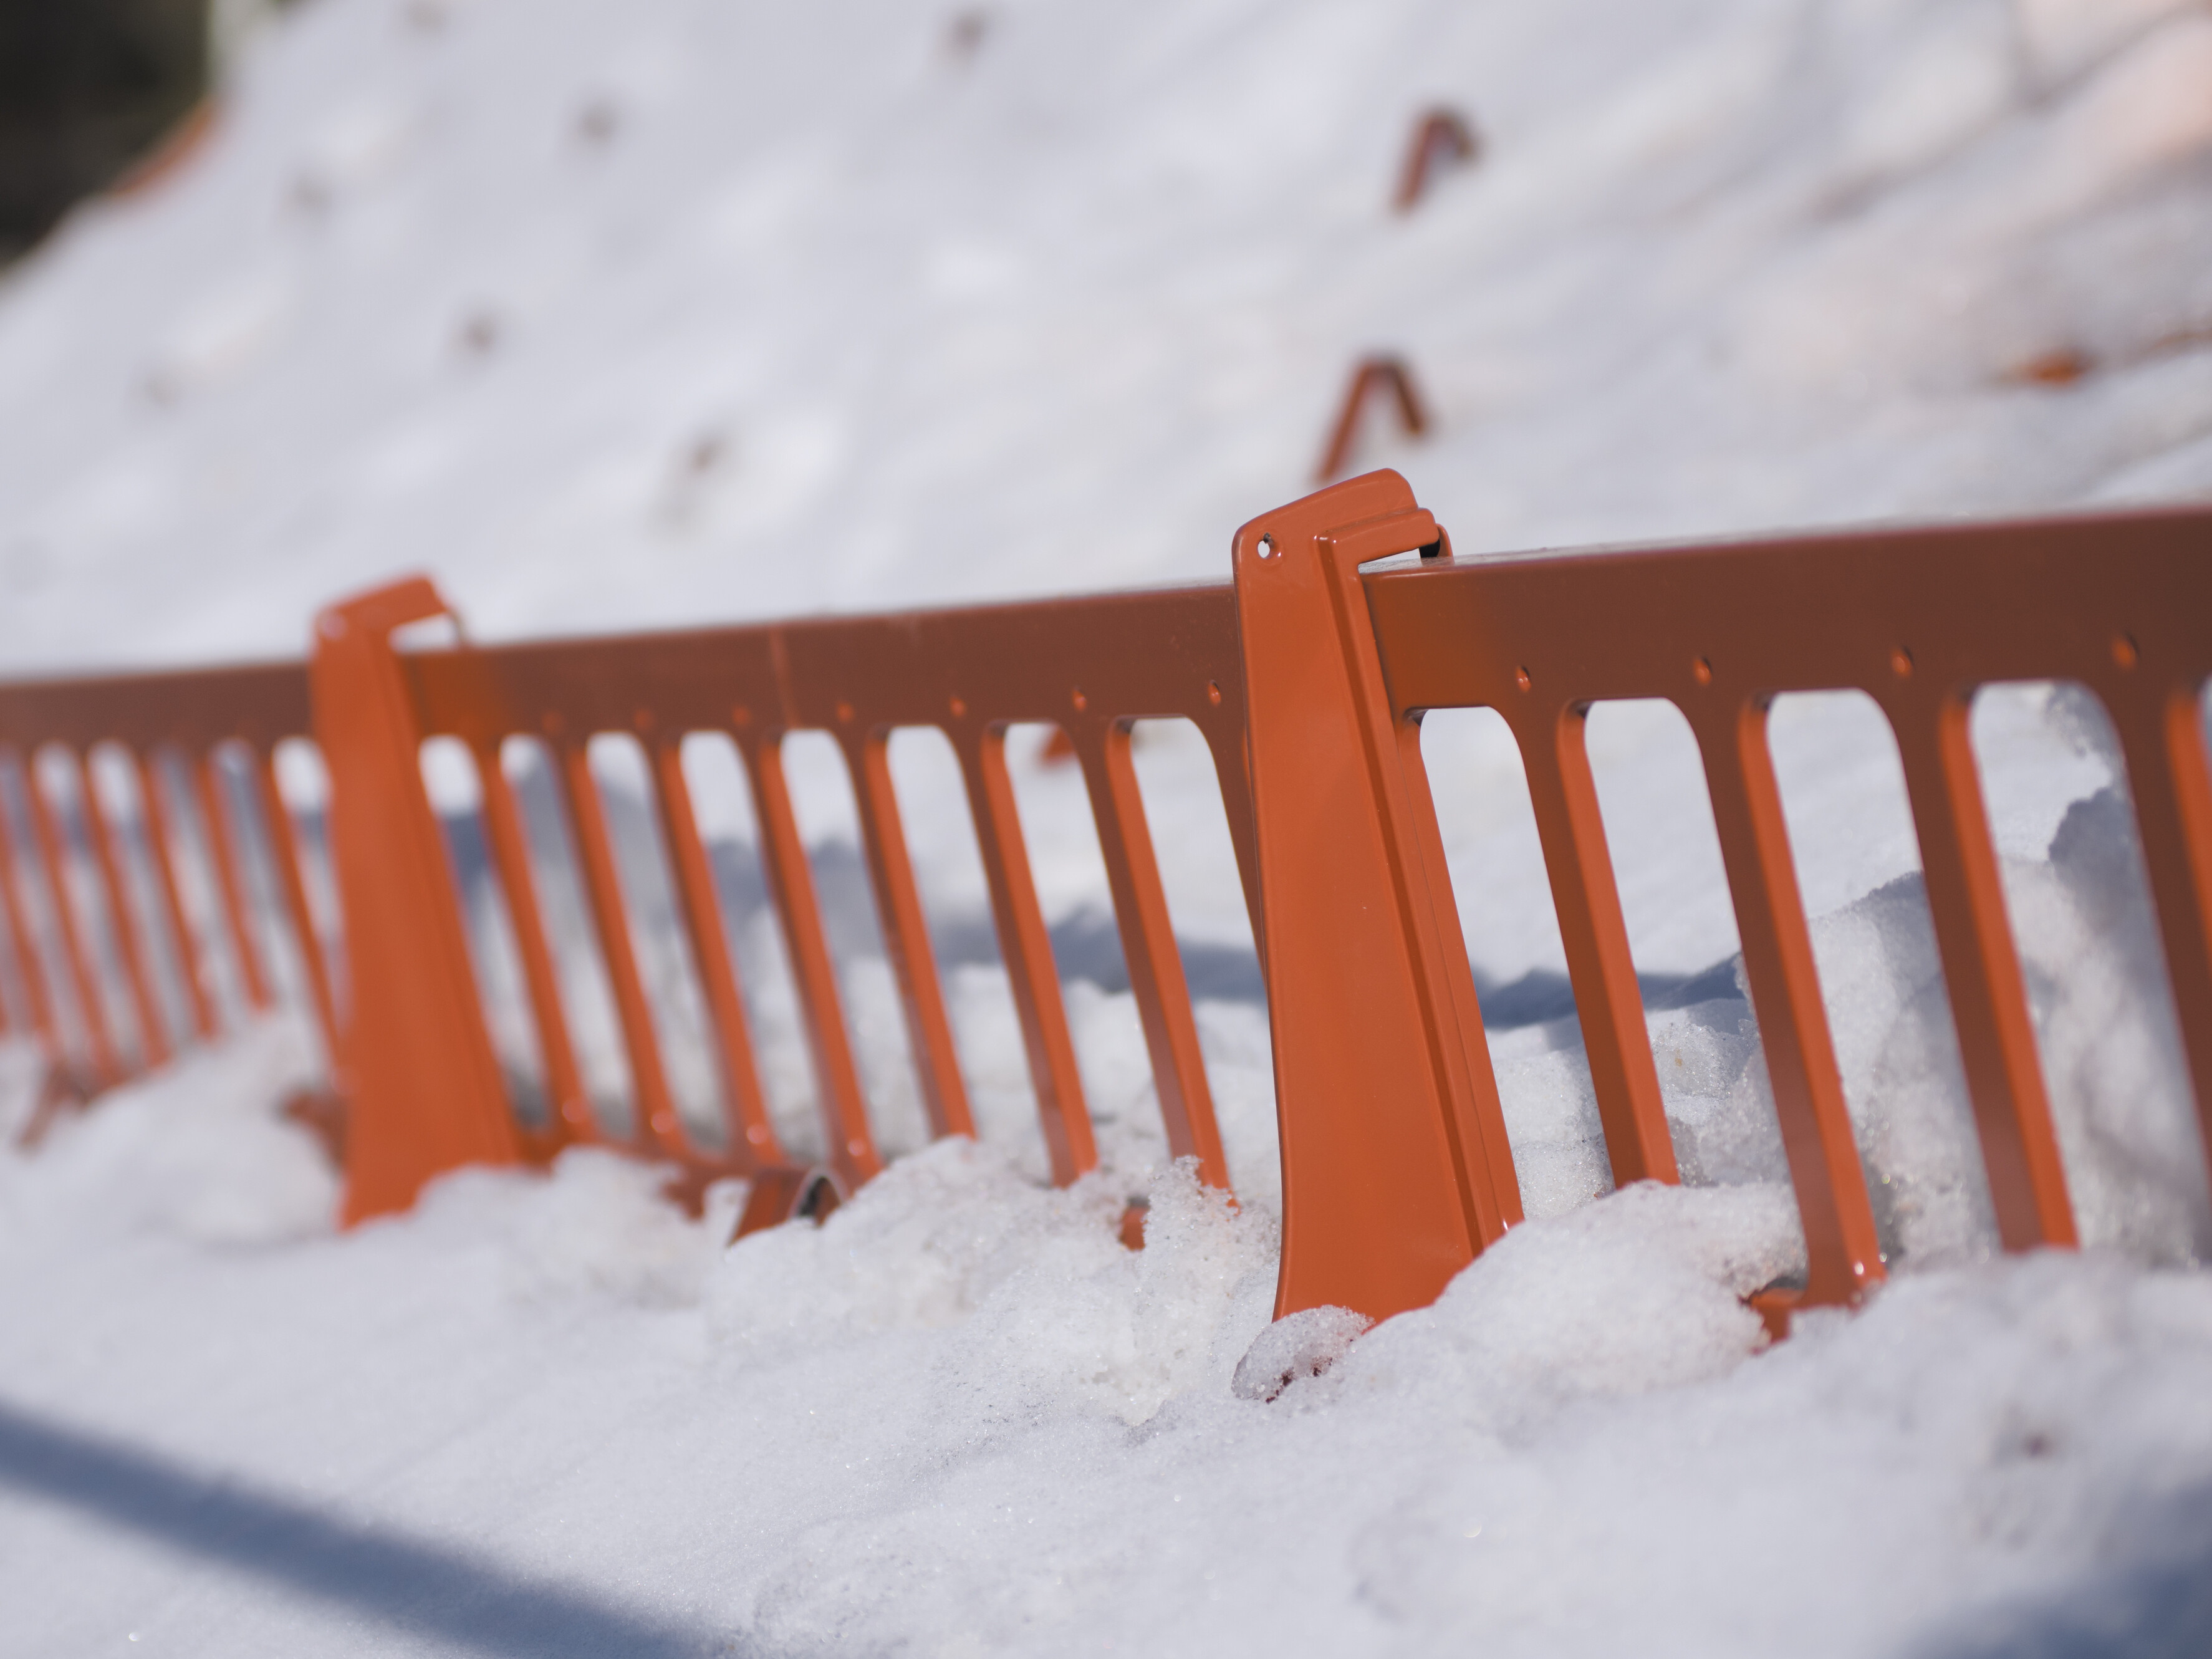 Ochrana pred snehom a ľadom